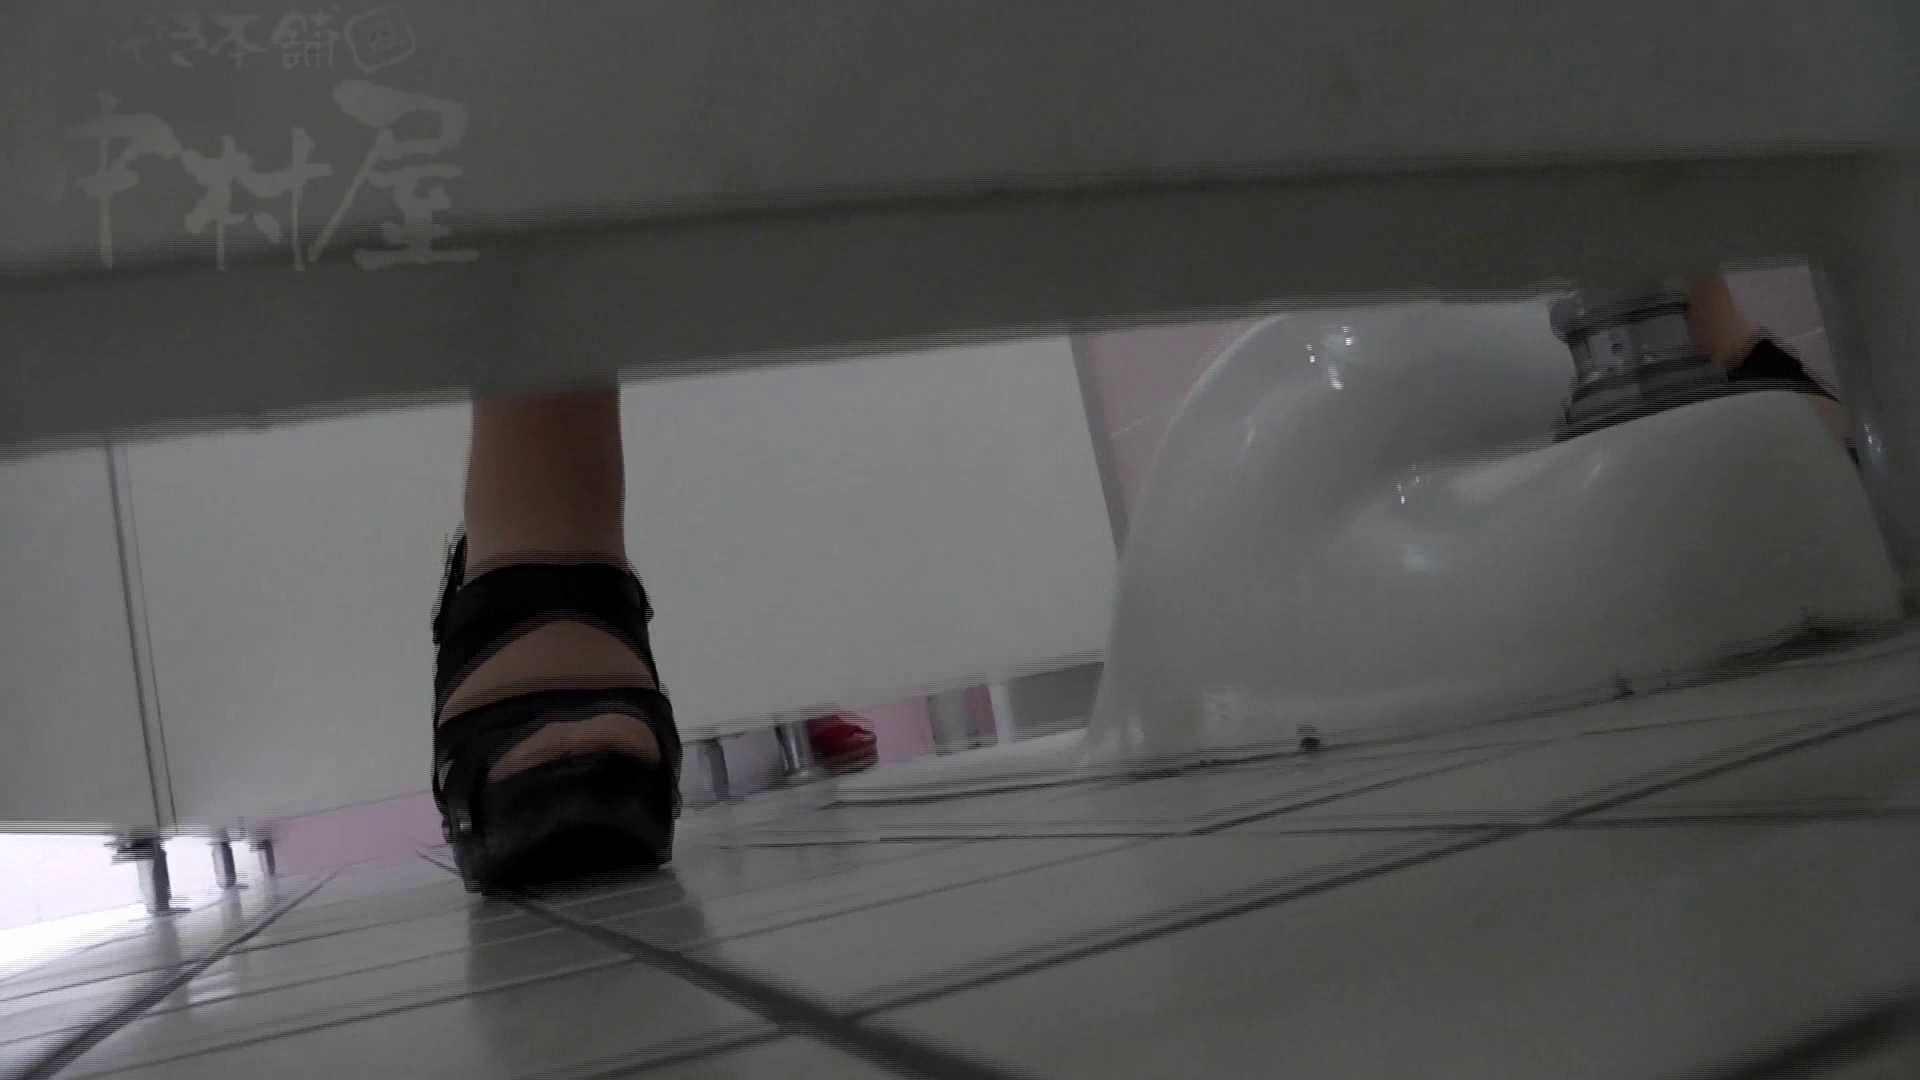 美しい日本の未来 No.17 結構大変!瞬間移動かーらーのっ、隙間撮り! トイレ 盗撮 99PIX 70